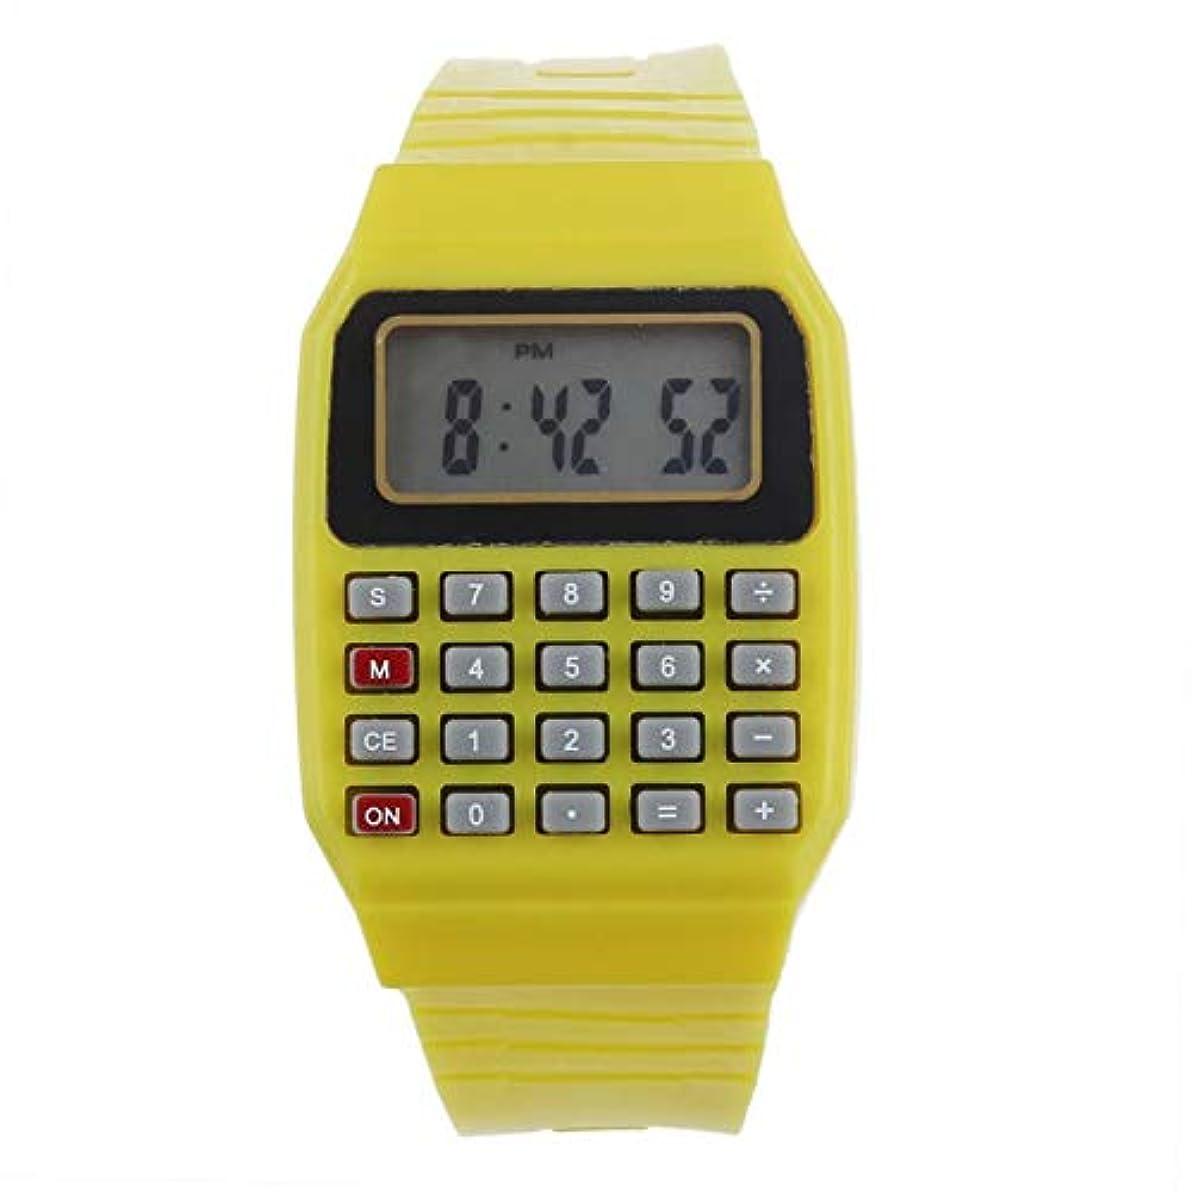 夜間このに対してDressin リスト電卓 Unsex シリコーン 多目的 日付 時間 電子 リスト電卓 腕時計 データバンク ブラック デジタルウォッチ ベージュ